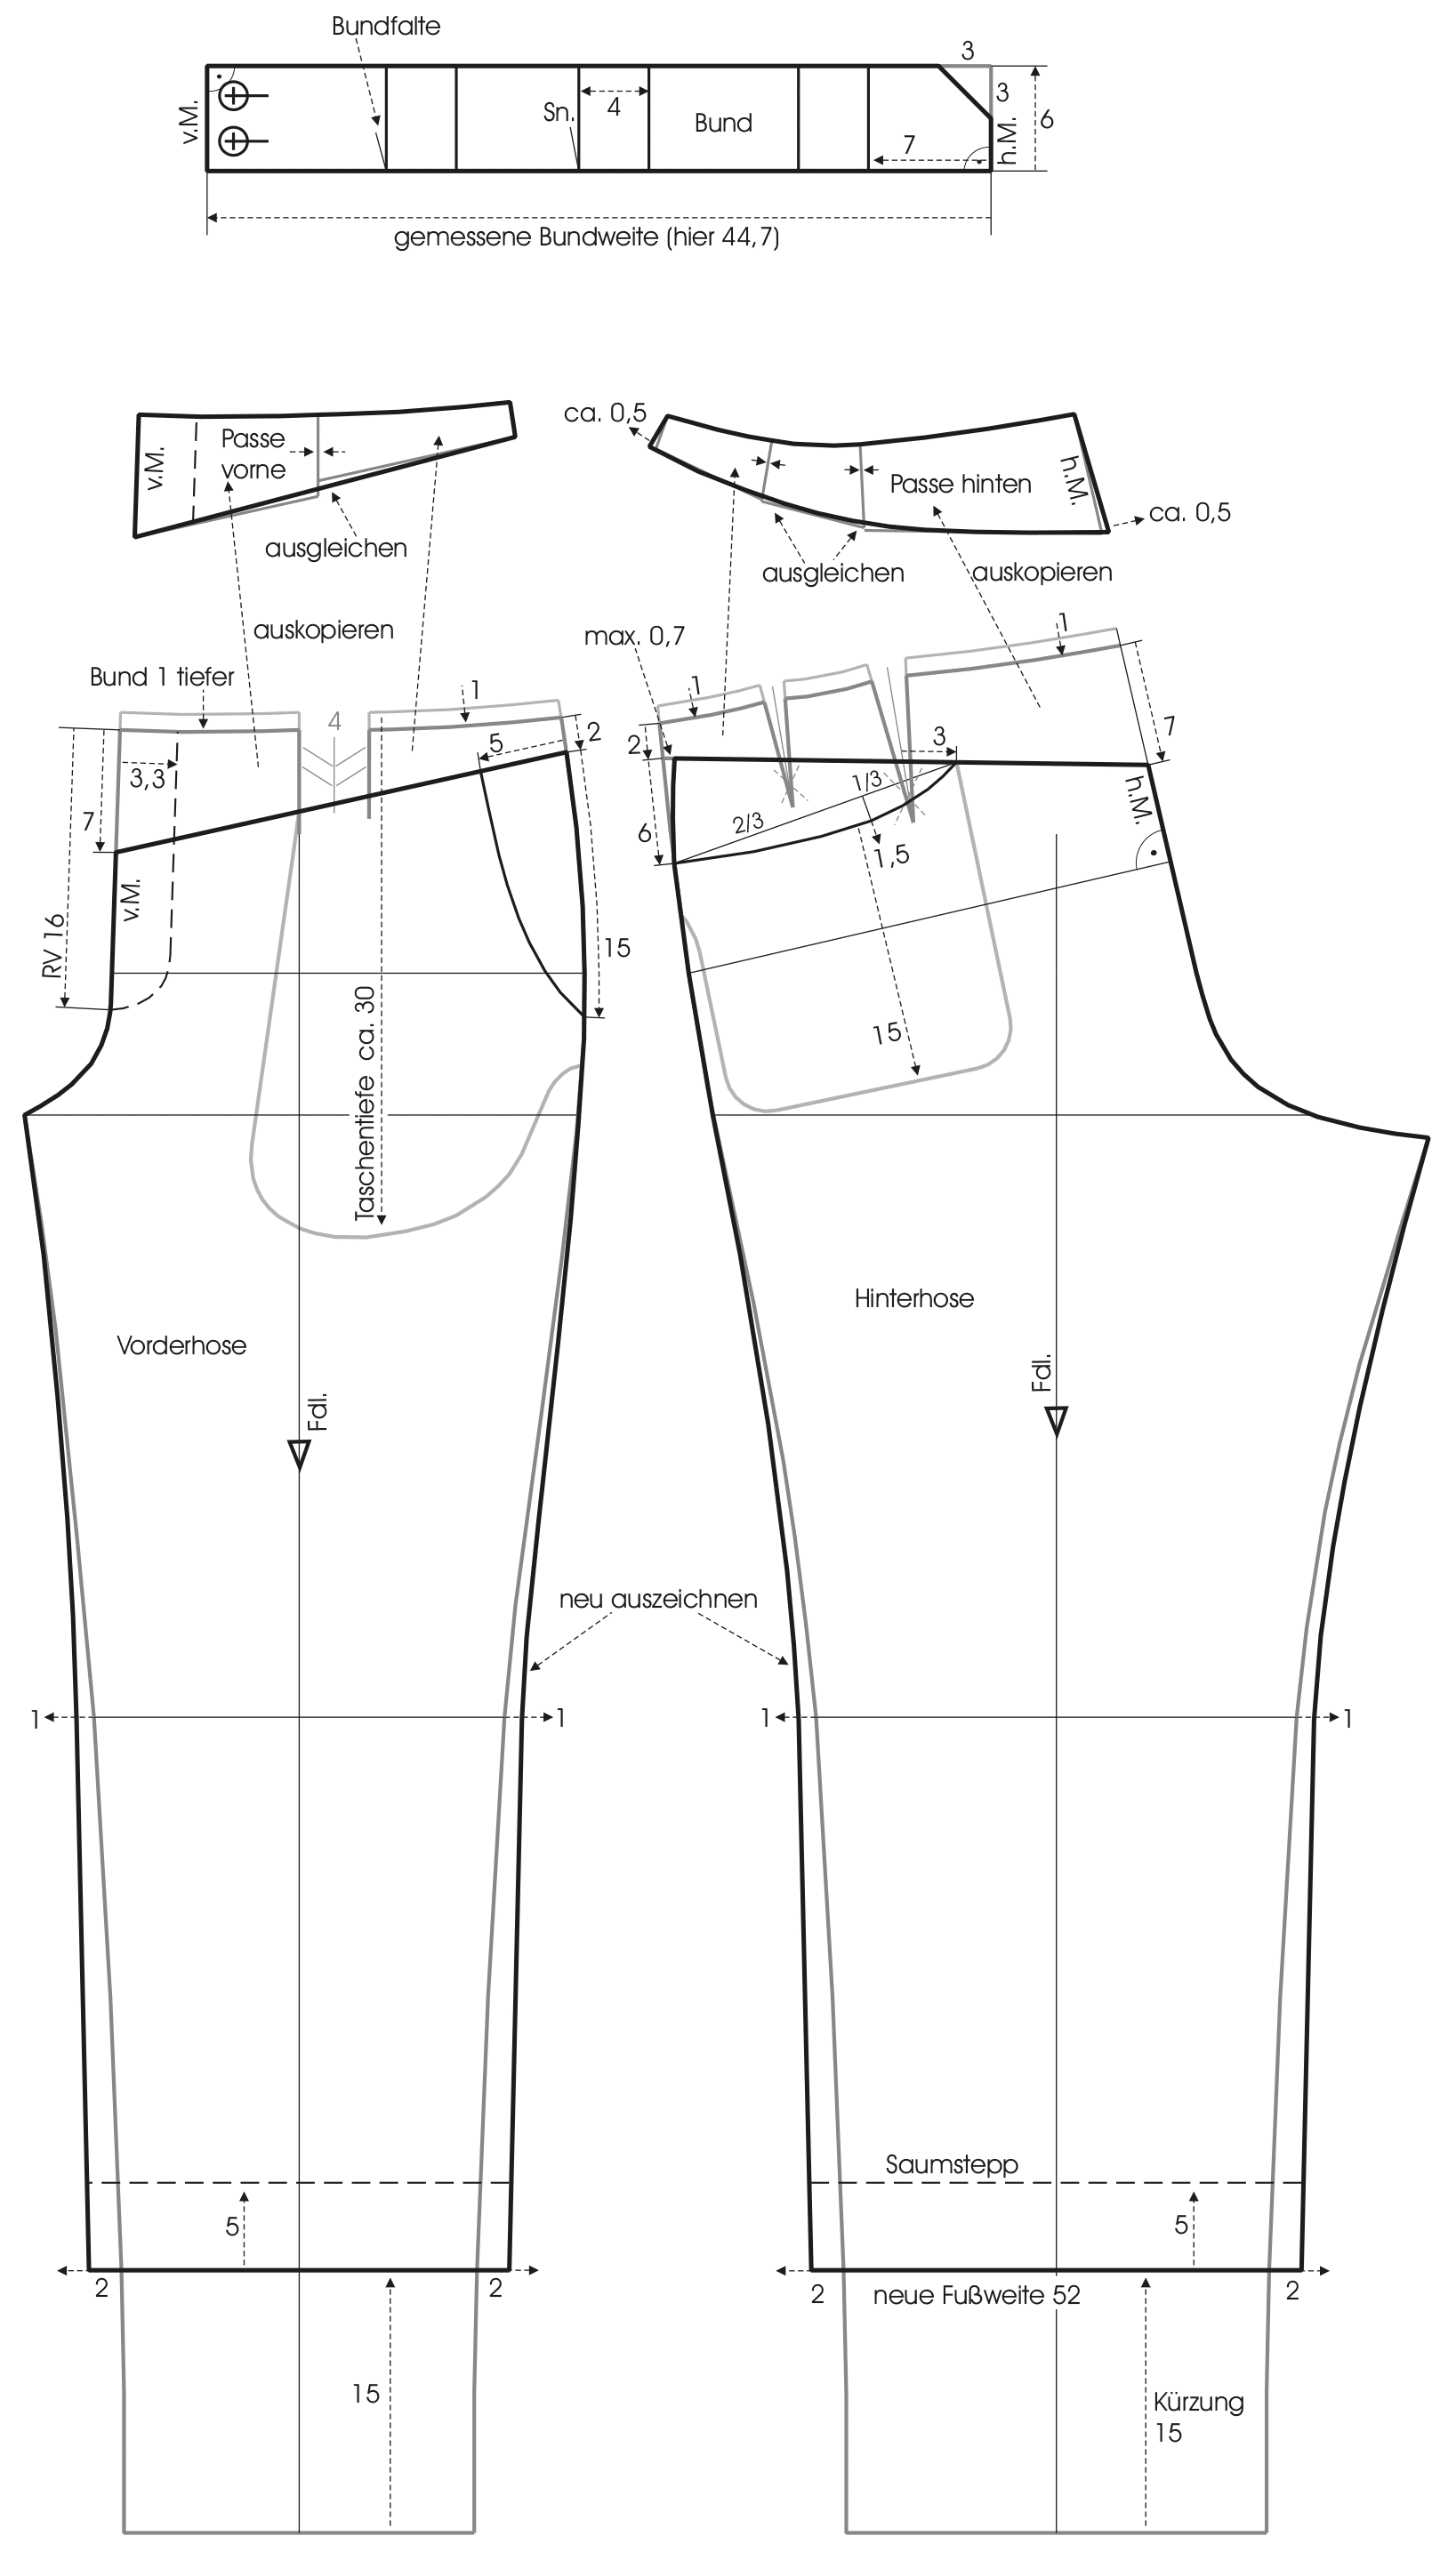 Zu sehen ist die Schnitttechnik einer Herrenhose mit Passen